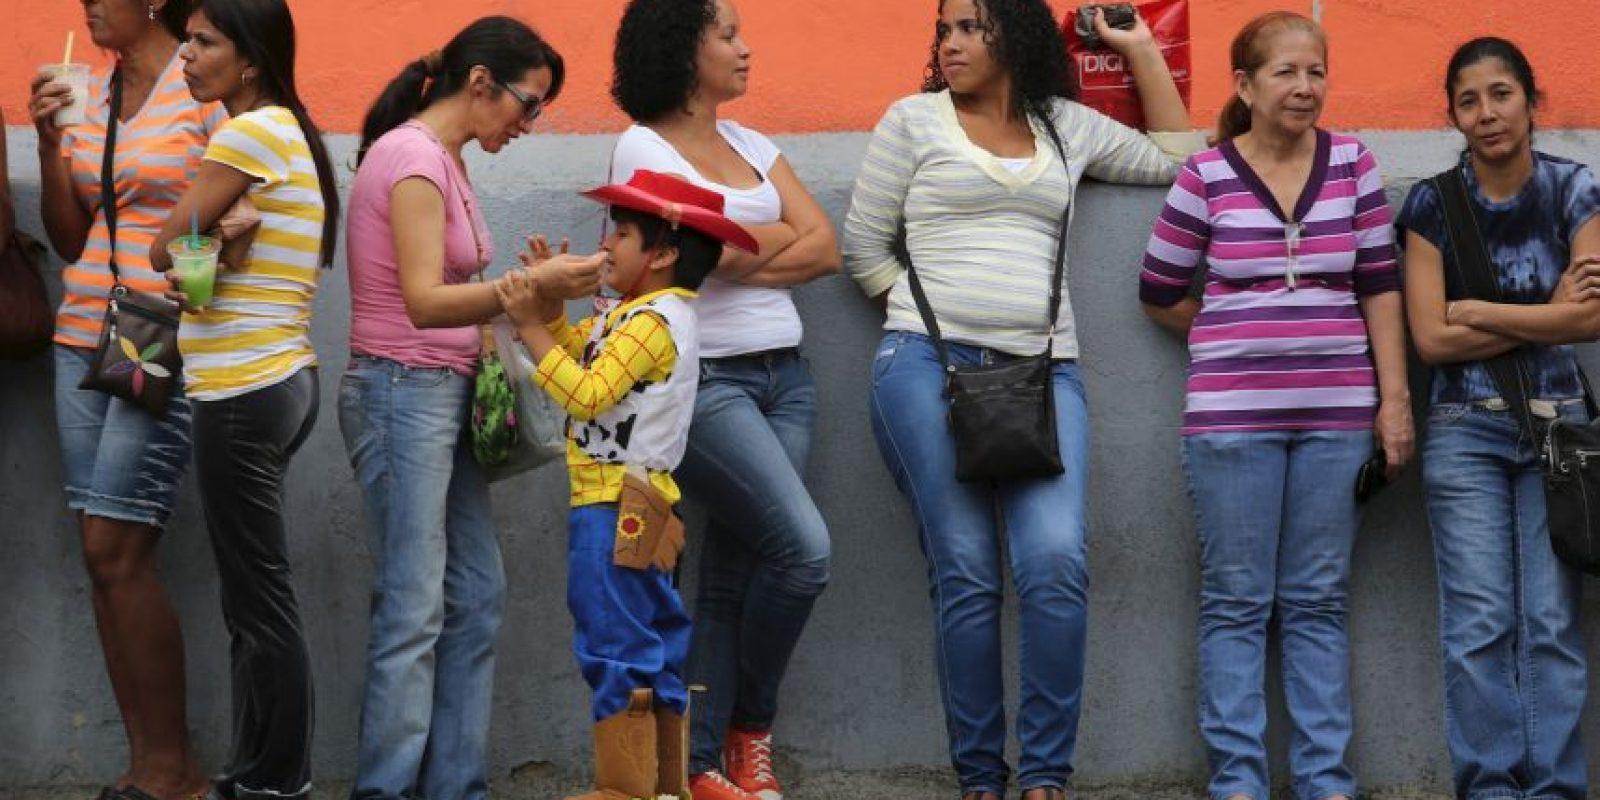 Nicolás Maduro ganó con el 50.61% de los votos (siete millones 587 mil 532), mientras que el opositor Henrique Capriles, principal competidor y representante de la coalición Mesa de la Unidad Democrática, obtuvo el 49.12% de los votos (siete millones, 363 mil 980). Foto:Getty Images